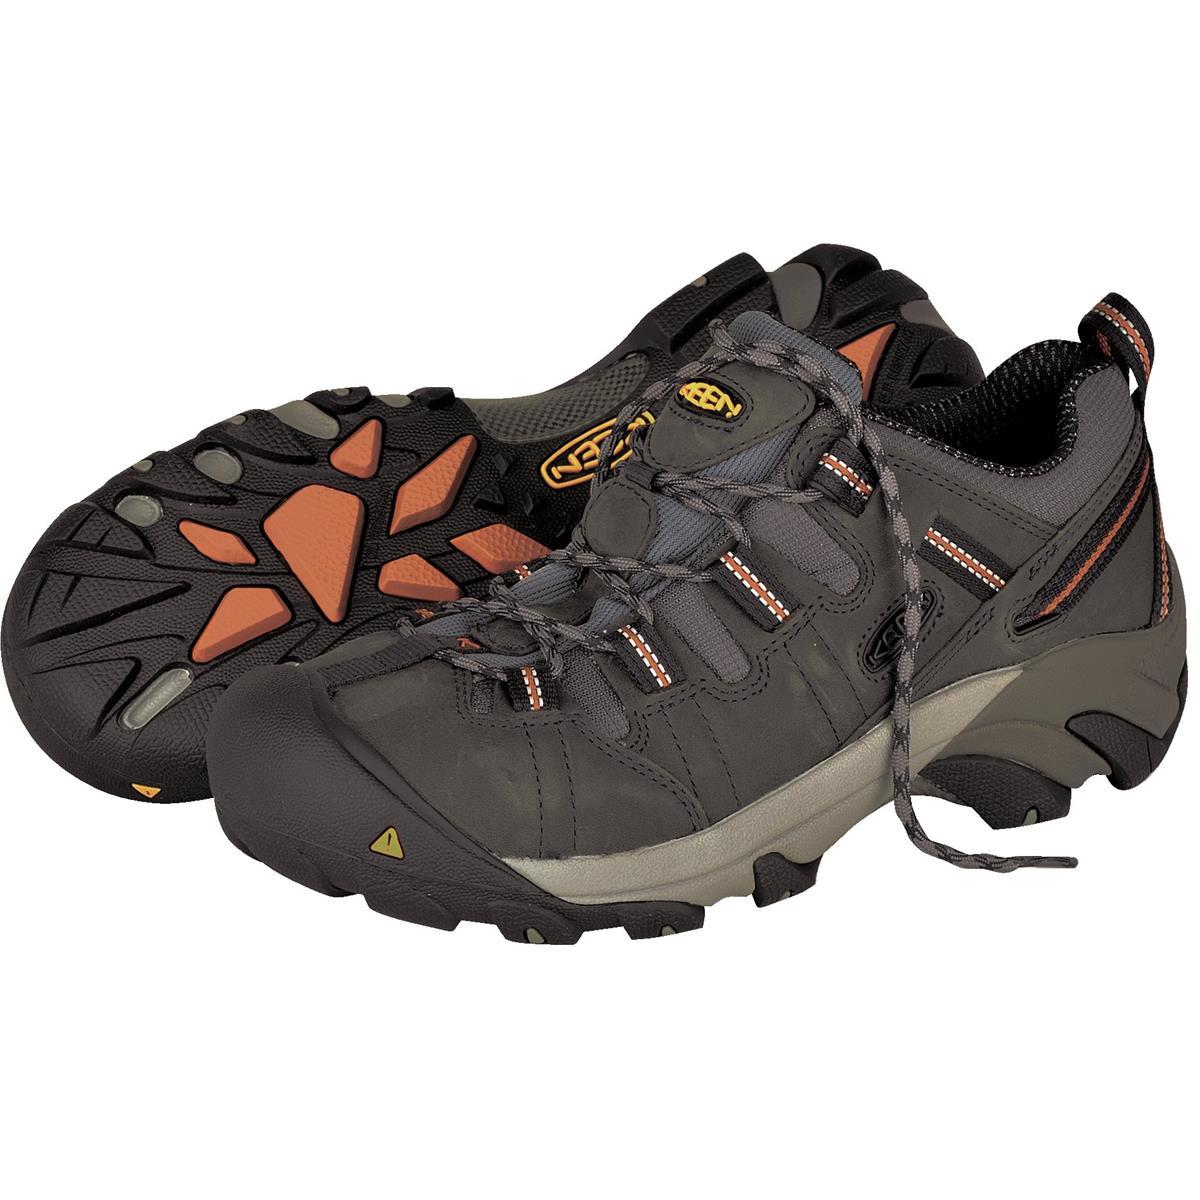 keen utility detroit steel toe low waterproof work shoes FNPWWYQ